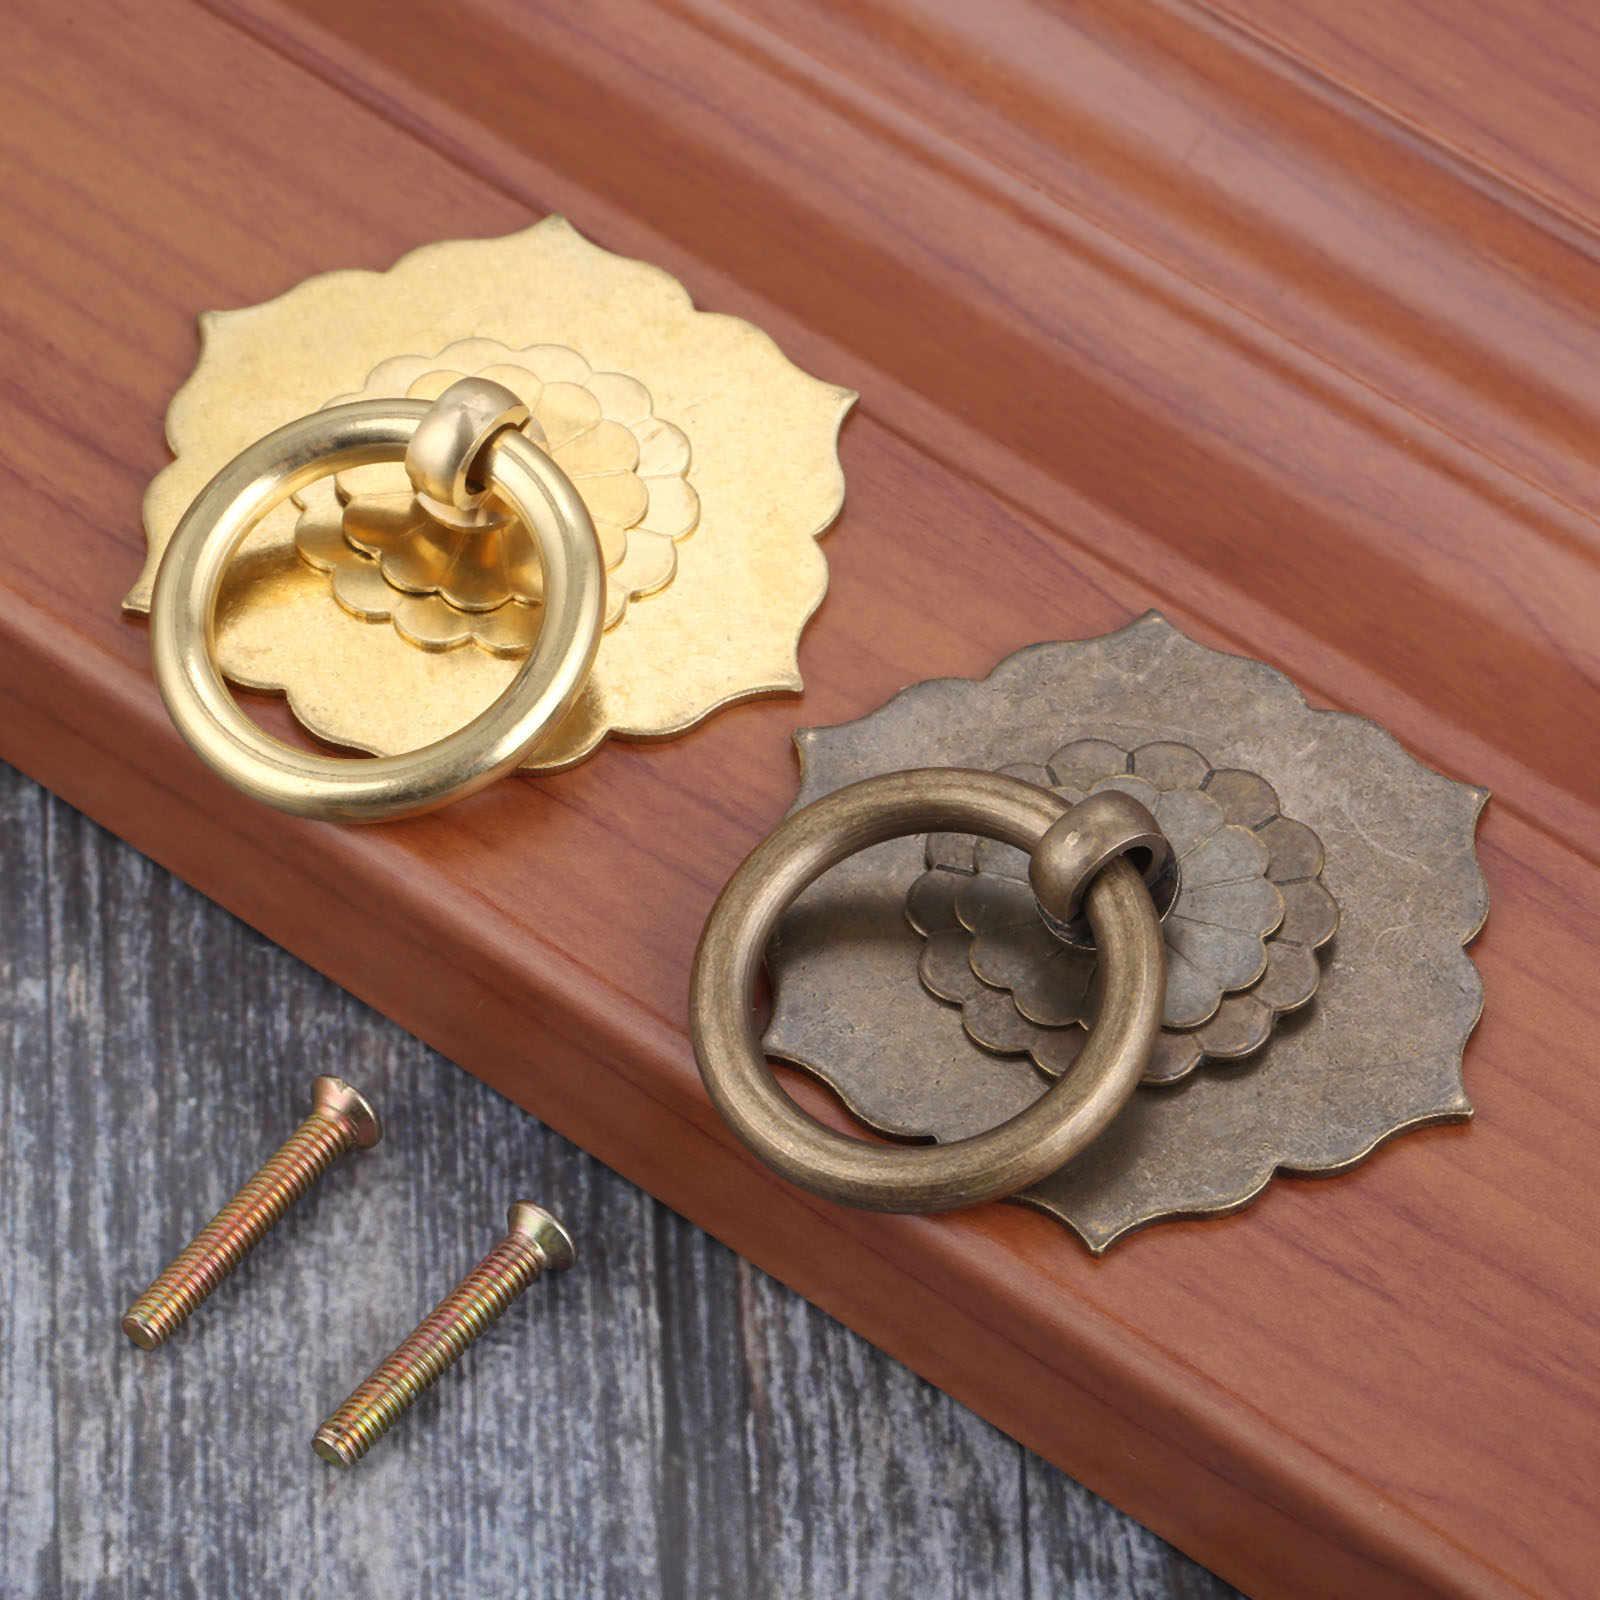 2Pcs Vintage ทองเหลืองกล่องเครื่องประดับแหวนลูกบิดเฟอร์นิเจอร์ฮาร์ดแวร์โบราณตู้ลิ้นชักประตูห้องครัวดึง 35 มม.